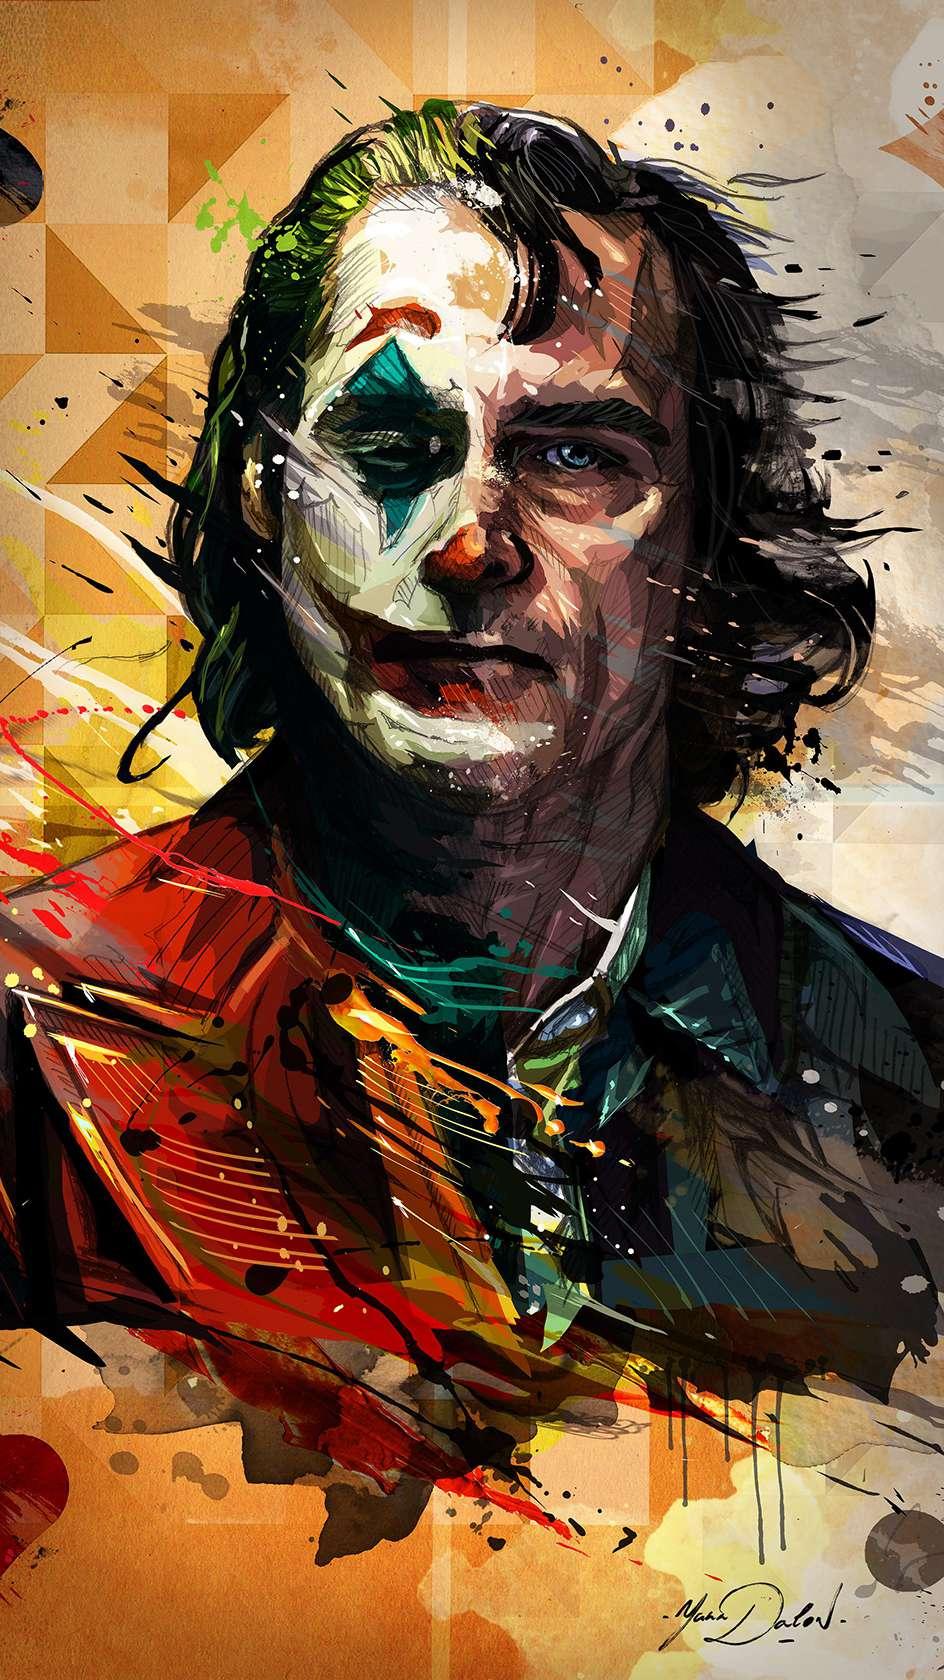 Joker Art iPhone Wallpaper